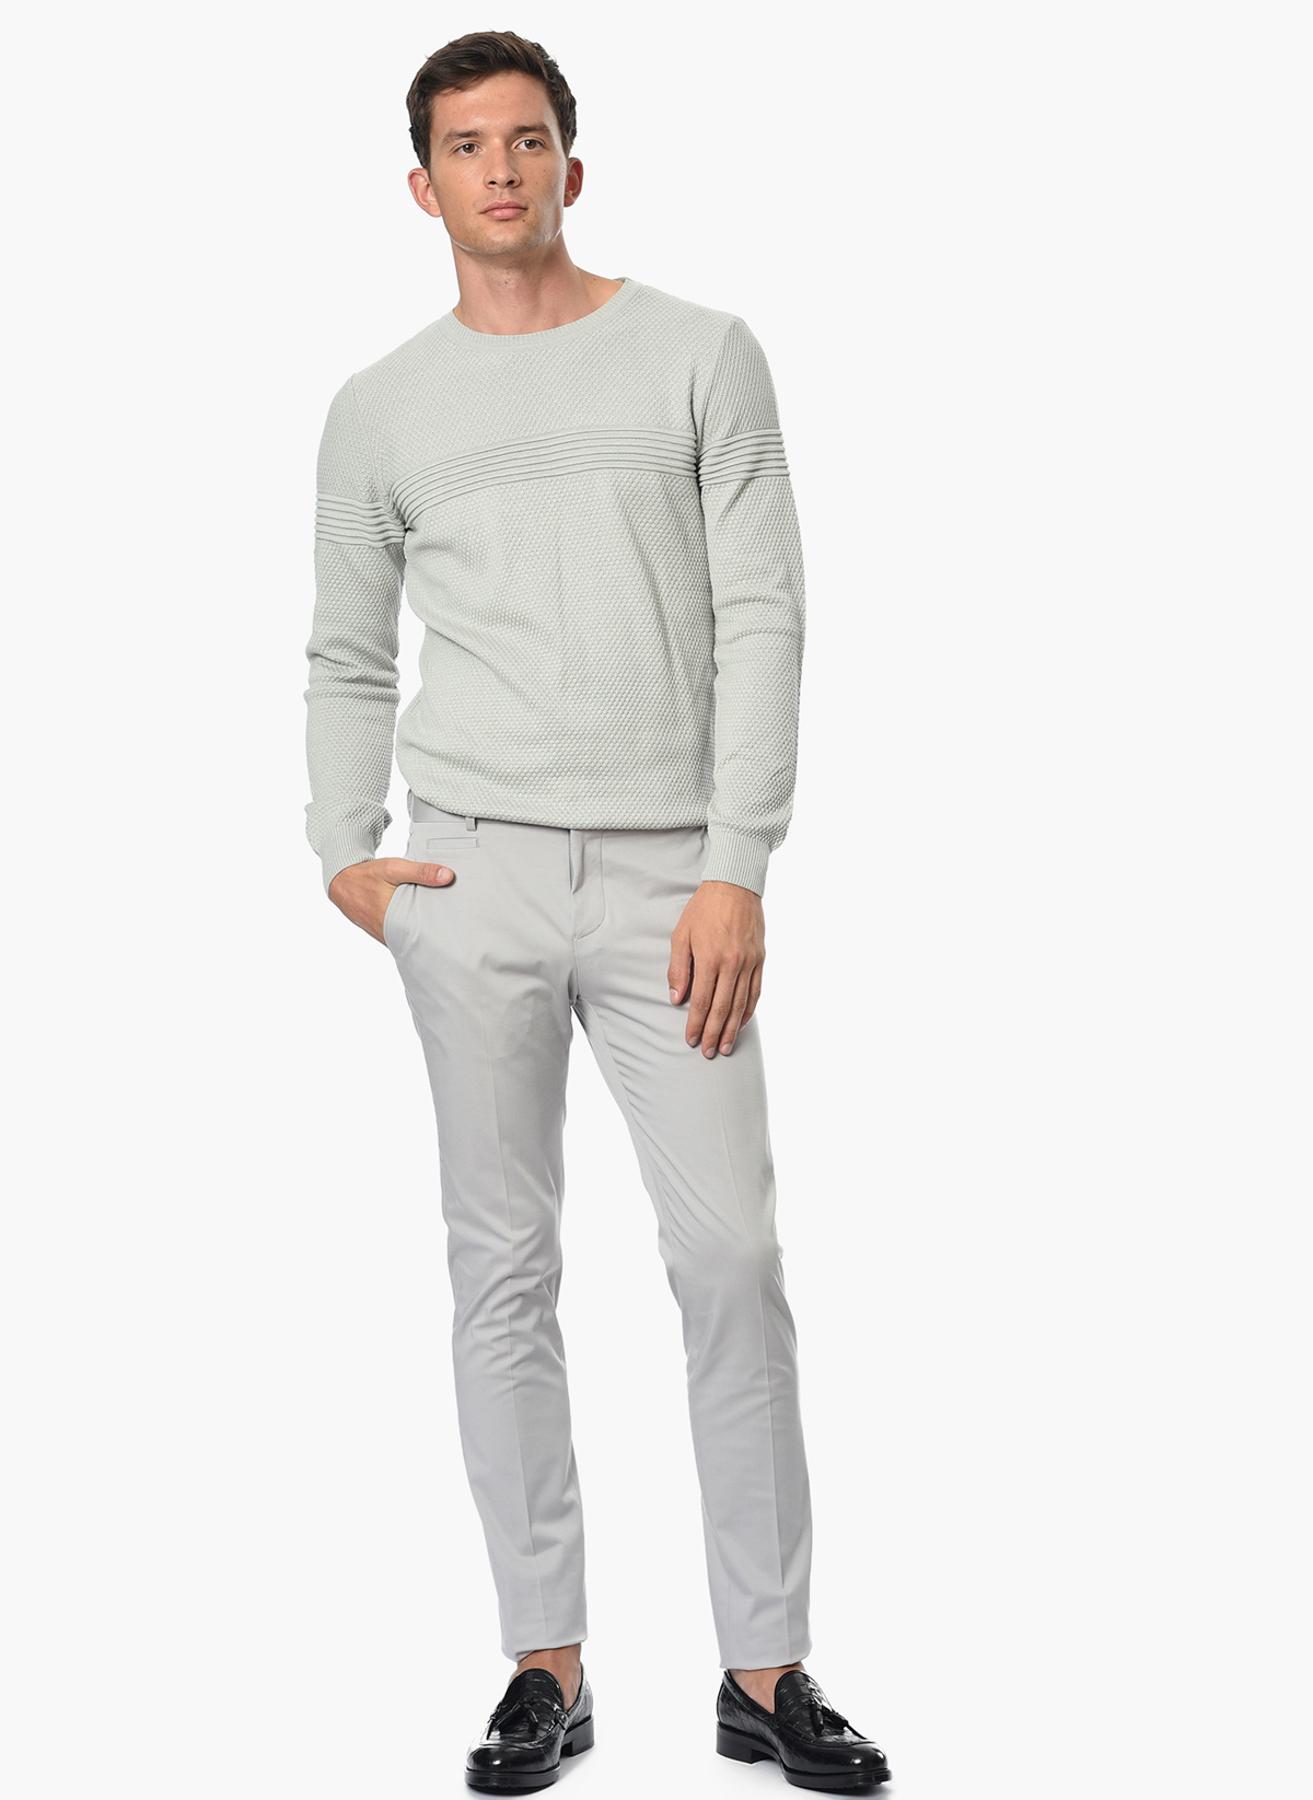 George Hogg Klasik Gri Klasik Pantolon 48-6 5001699240002 Ürün Resmi